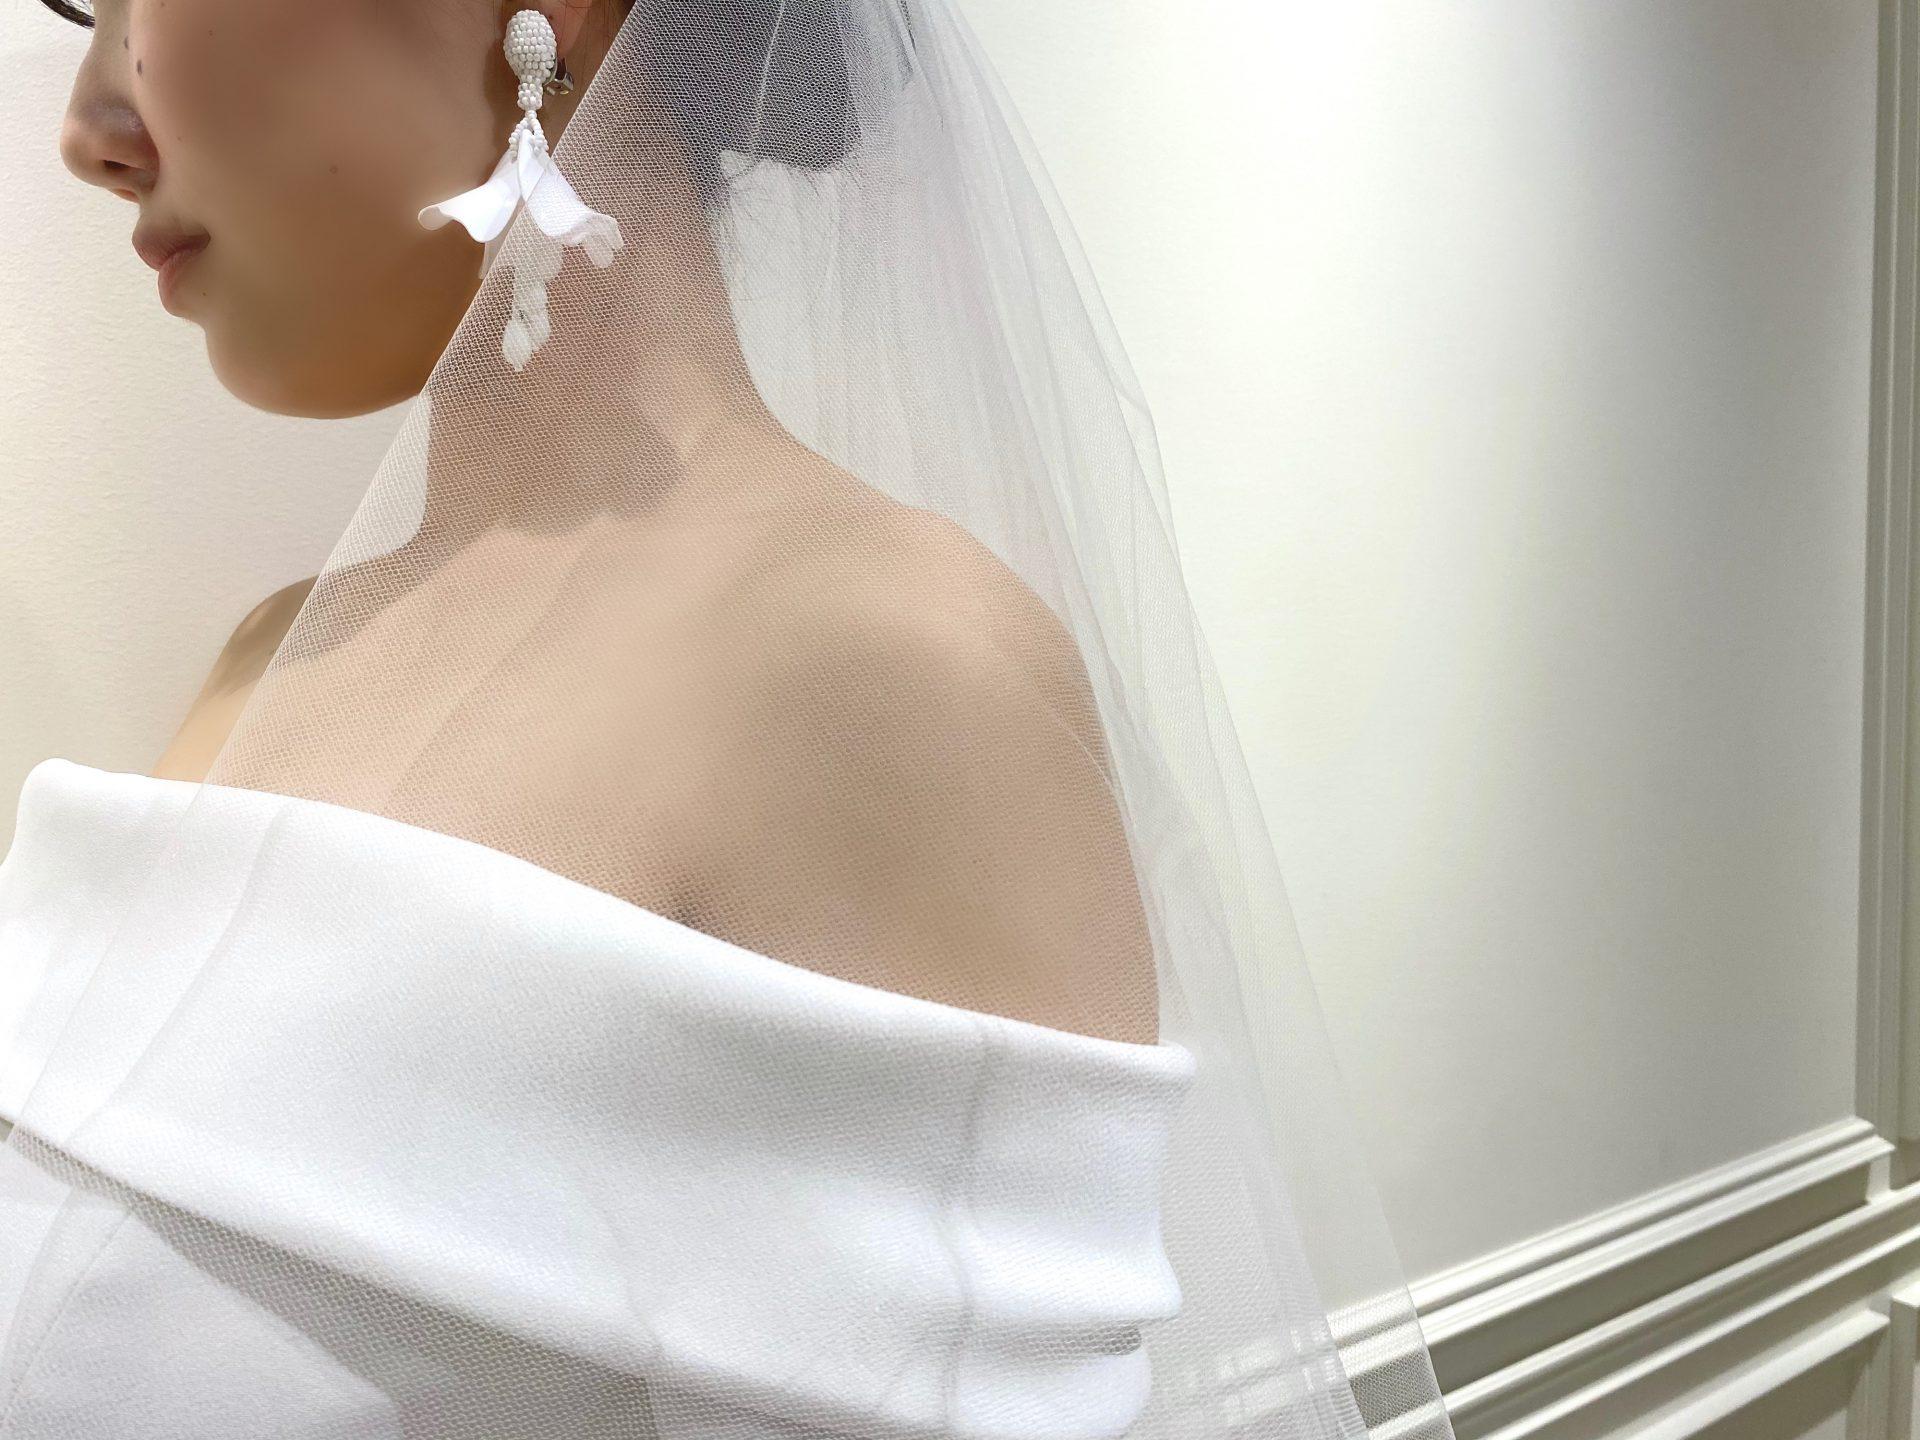 フォーチュンガーデン京都にてお式をあげられる花嫁様におすすめしたい大ぶりの白いイヤリングがお洒落なオスカーデラレンタのアクセサリー